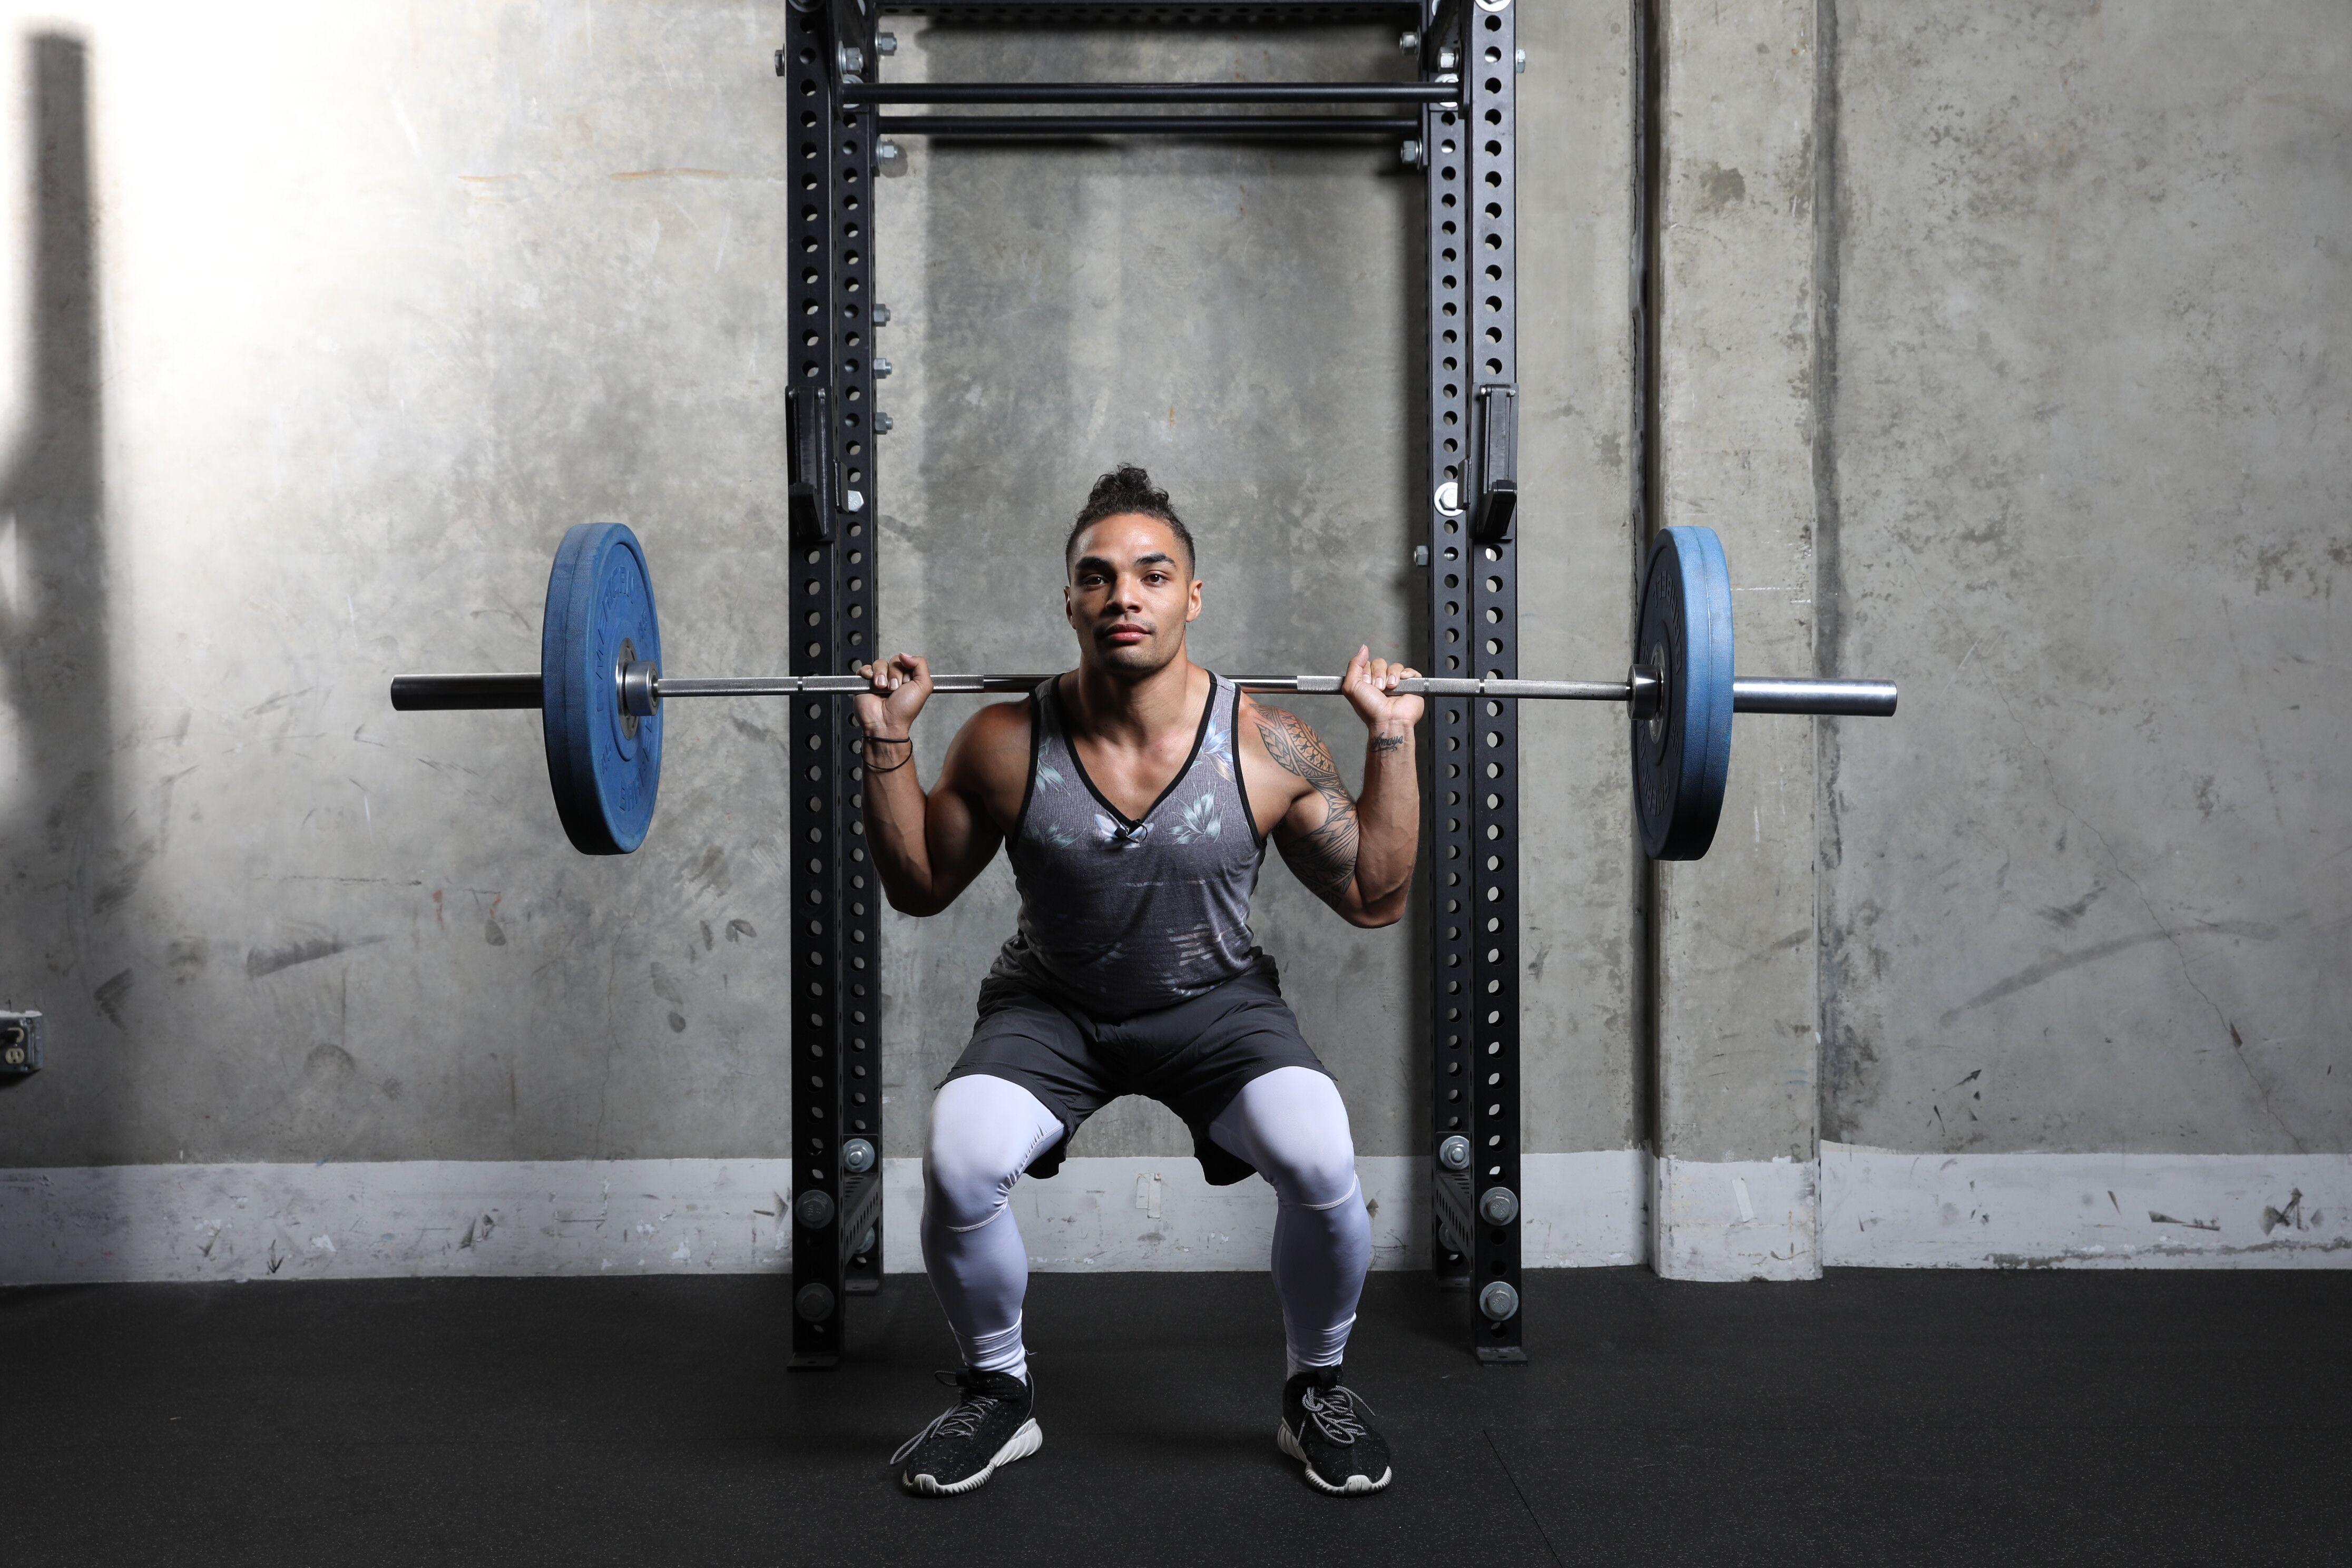 Jr squat